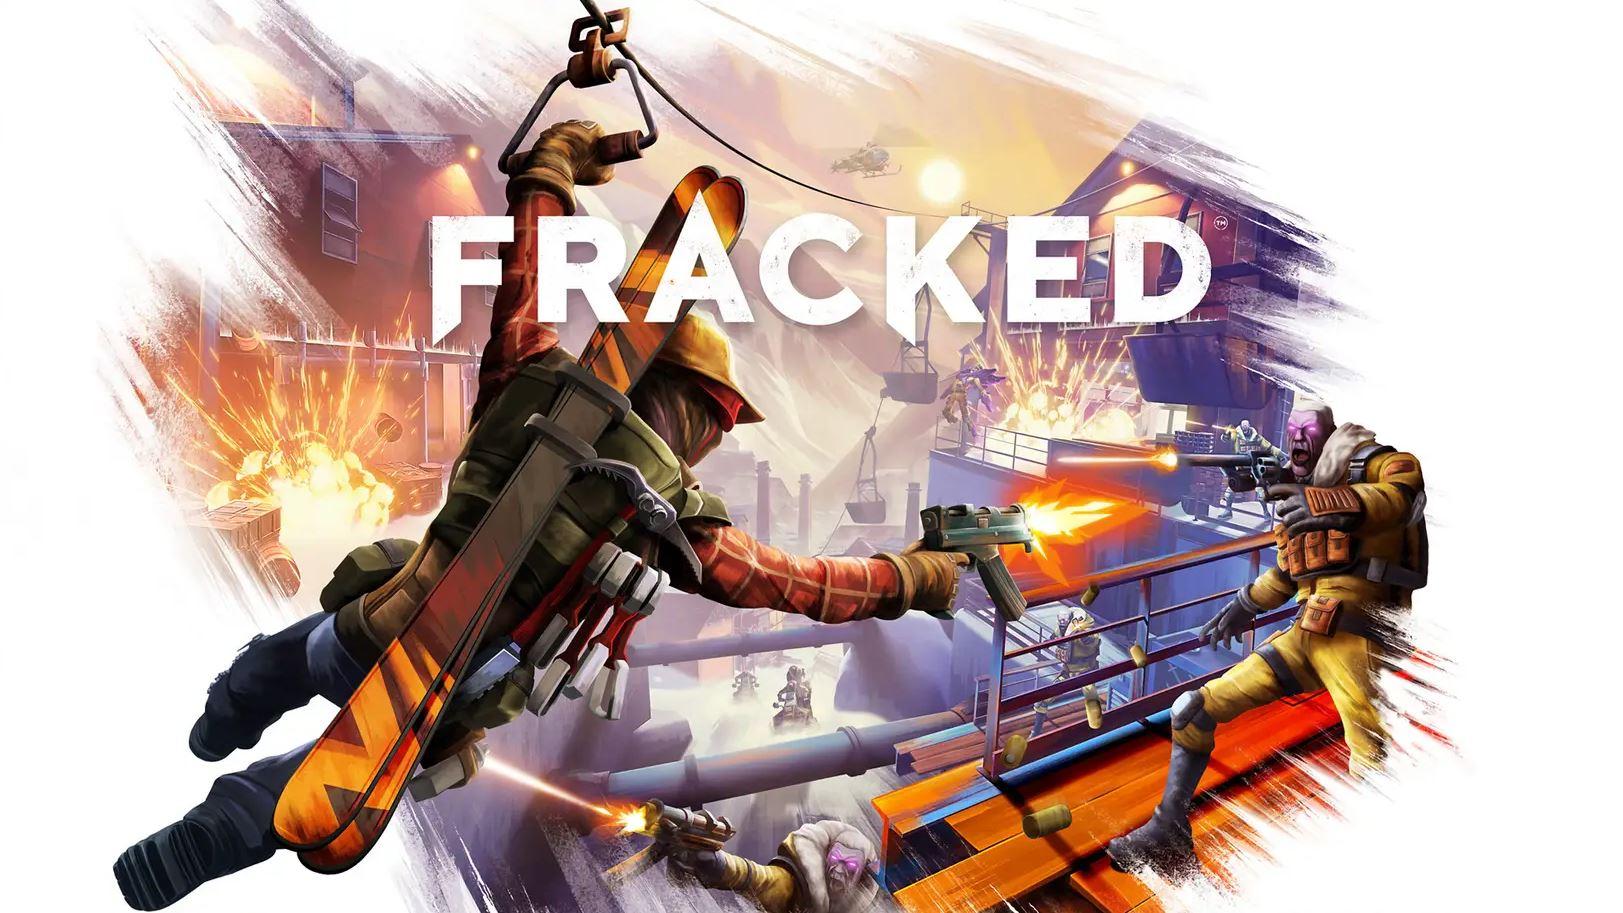 fracked-ps4-psvr-news-reviews-videos